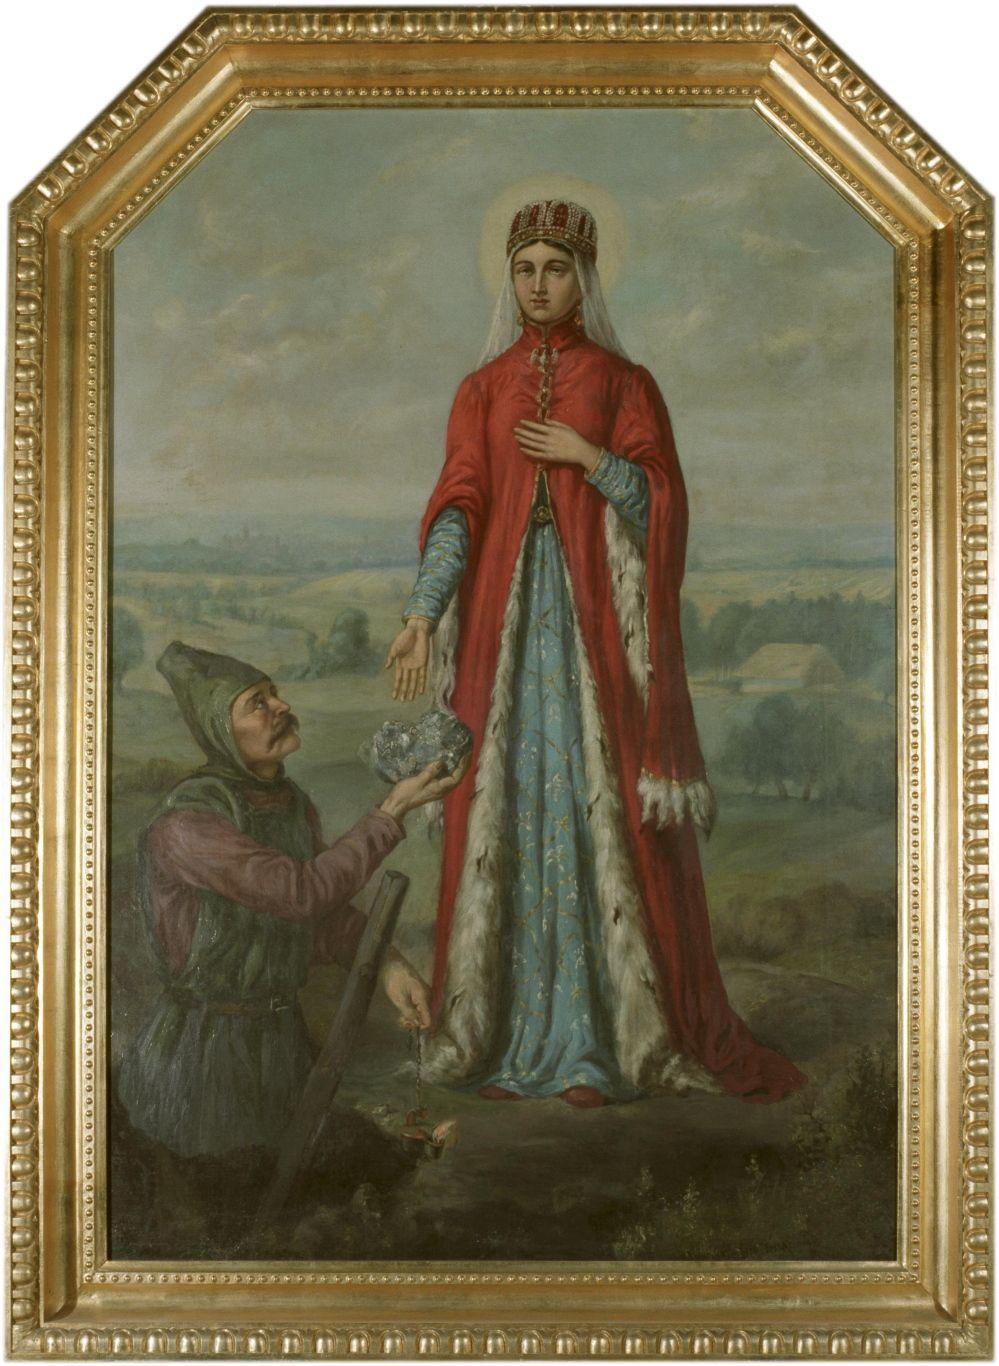 Cudowne wstawiennictwo świętej Kingi (powyżej na portrecie autorstwa Ferdynanda Olesińskiego)aż dwukrotnie pomogło biskupowi Pawłowi uniknąć nieprzyjemności. Czy modliłaby się za niego, gdyby faktycznie porwał jedną z mniszek z jej zakonu? (źródło: domena publiczna).